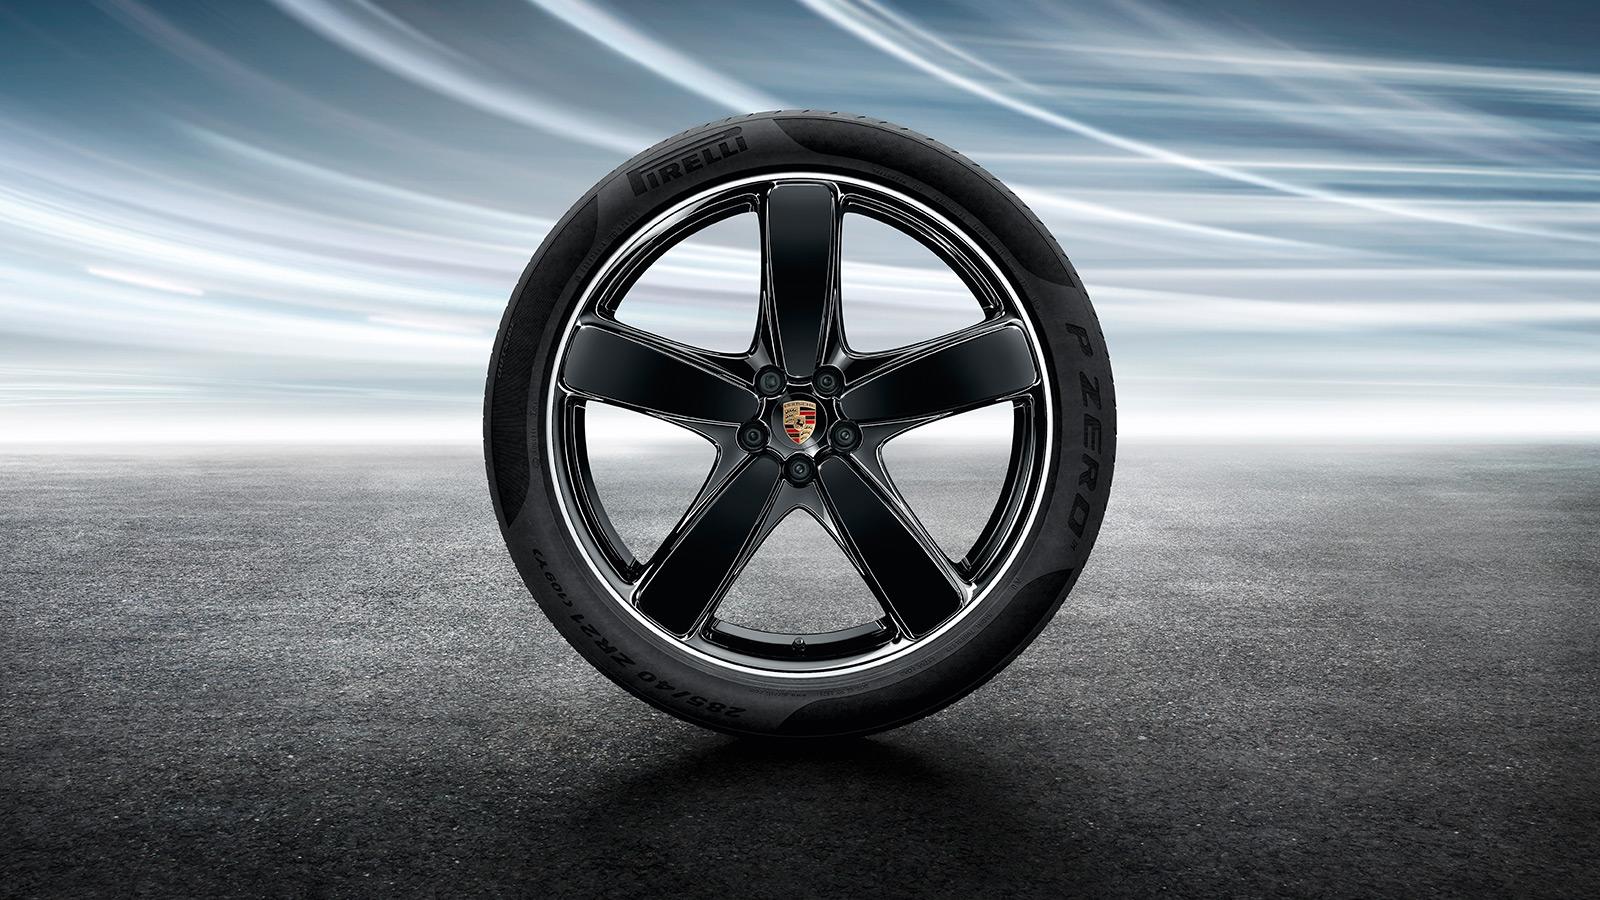 Porsche - Wheels and wheel accessories